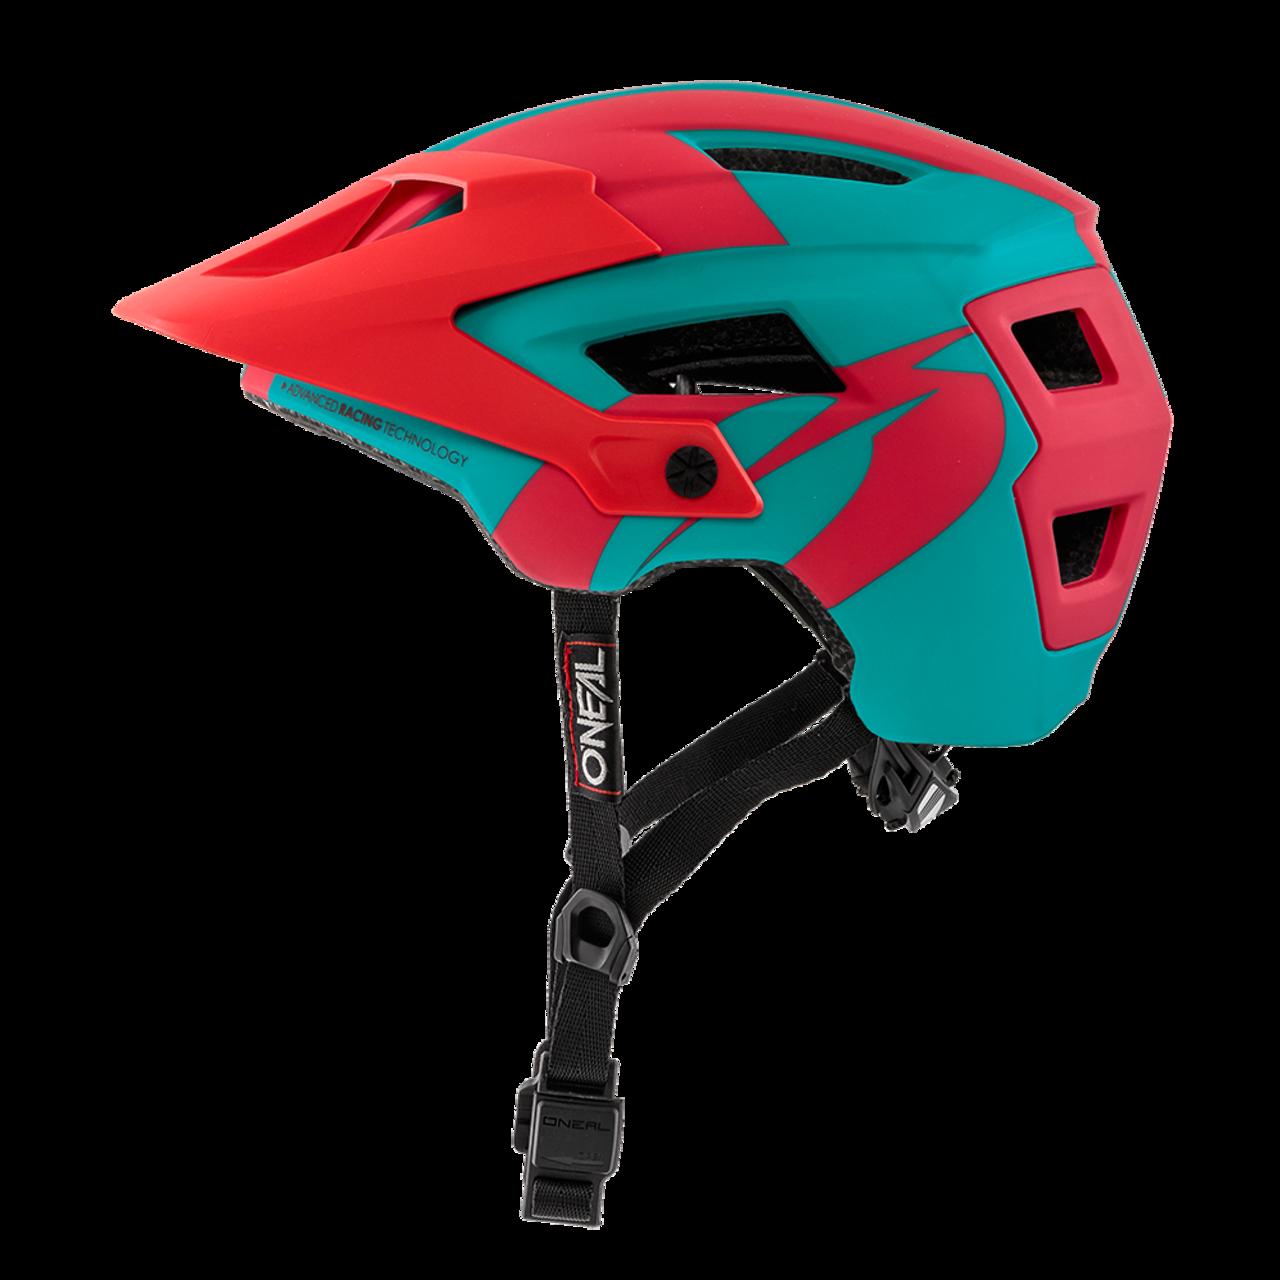 Шлем велосипедный O´Neal Defender 2.0 серебристо-сине-красный  (Размер: L/58-Xl/61).